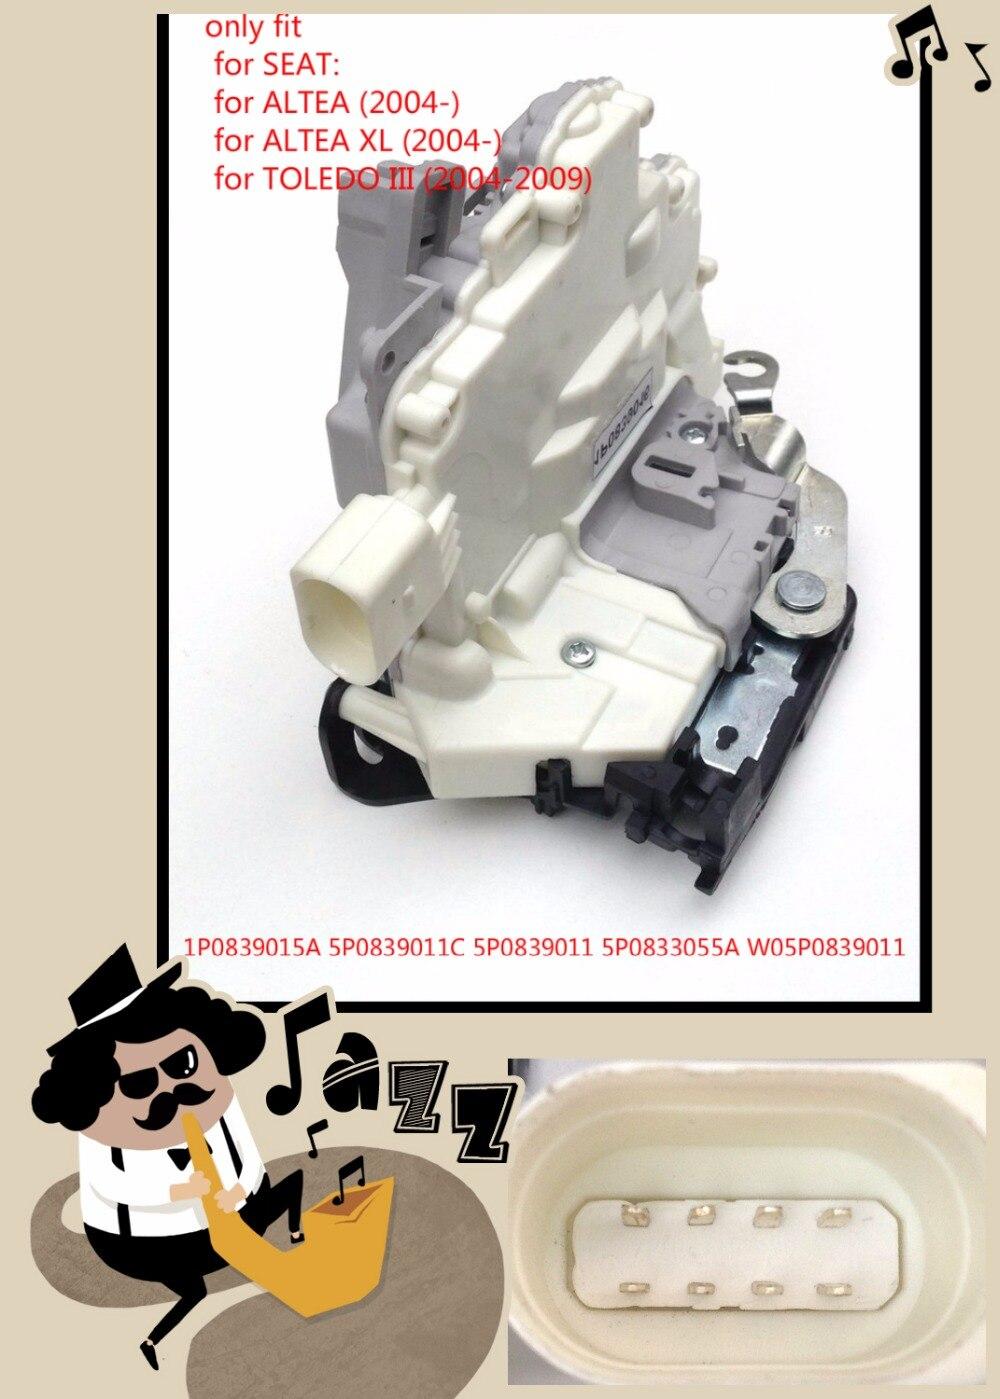 Arrière gauche pour SEAT ALTEA XL TOLEDO III Porte Verrouillage Mécanisme de Capture-1P0839015A 5P0839011C 5P0839011 5P0833055A W05P0839011